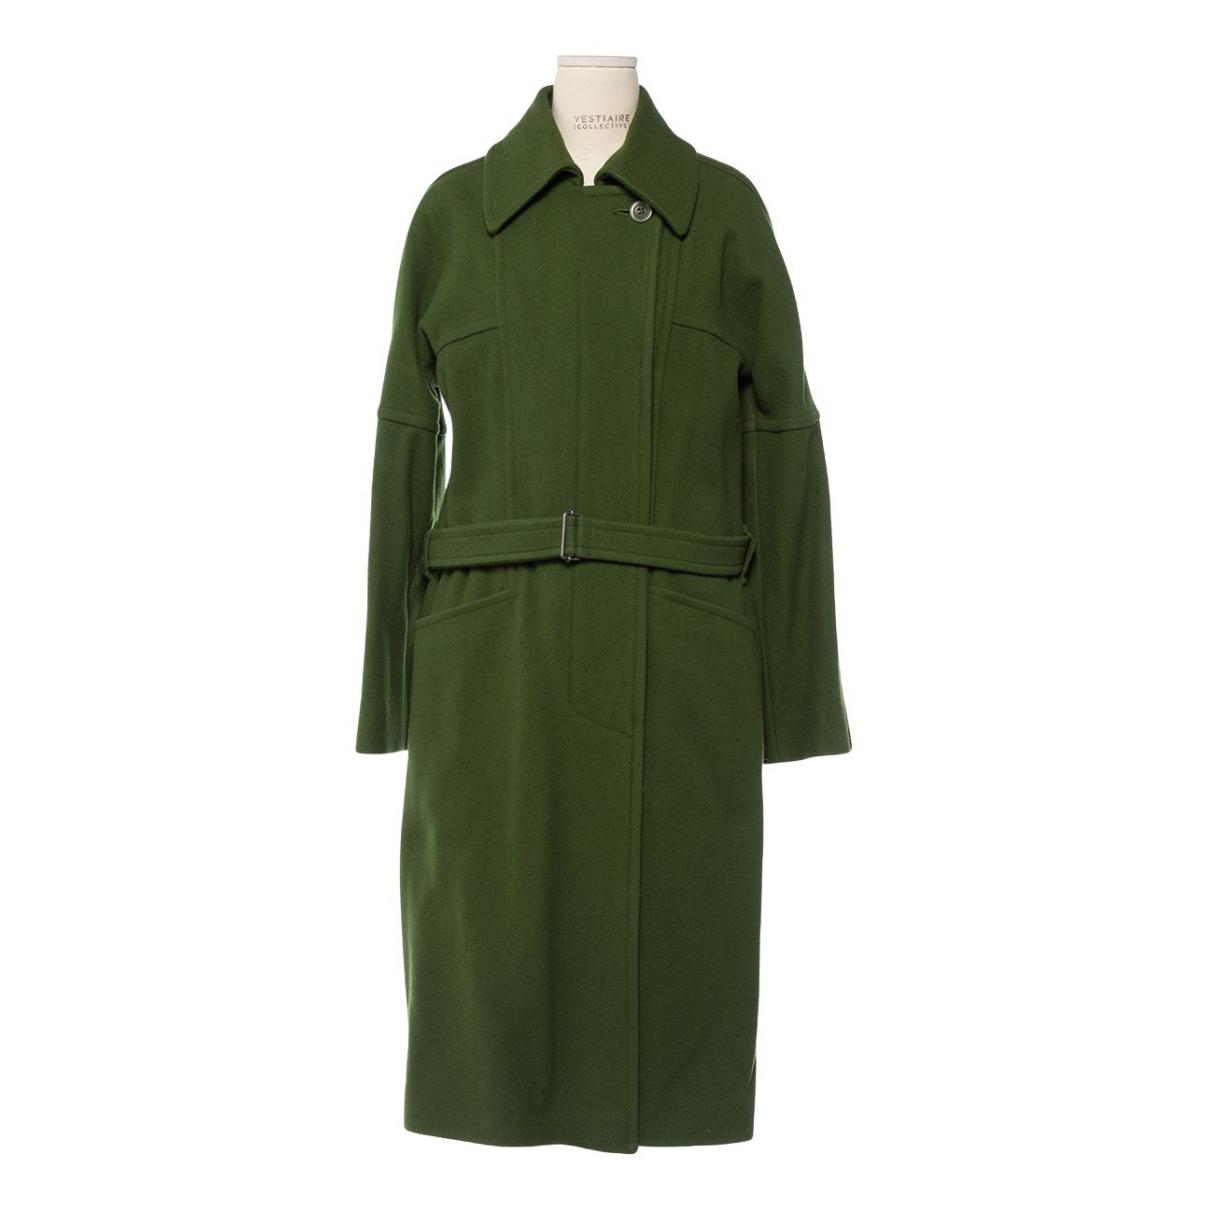 Dries Van Noten - Manteau   pour femme en laine - vert